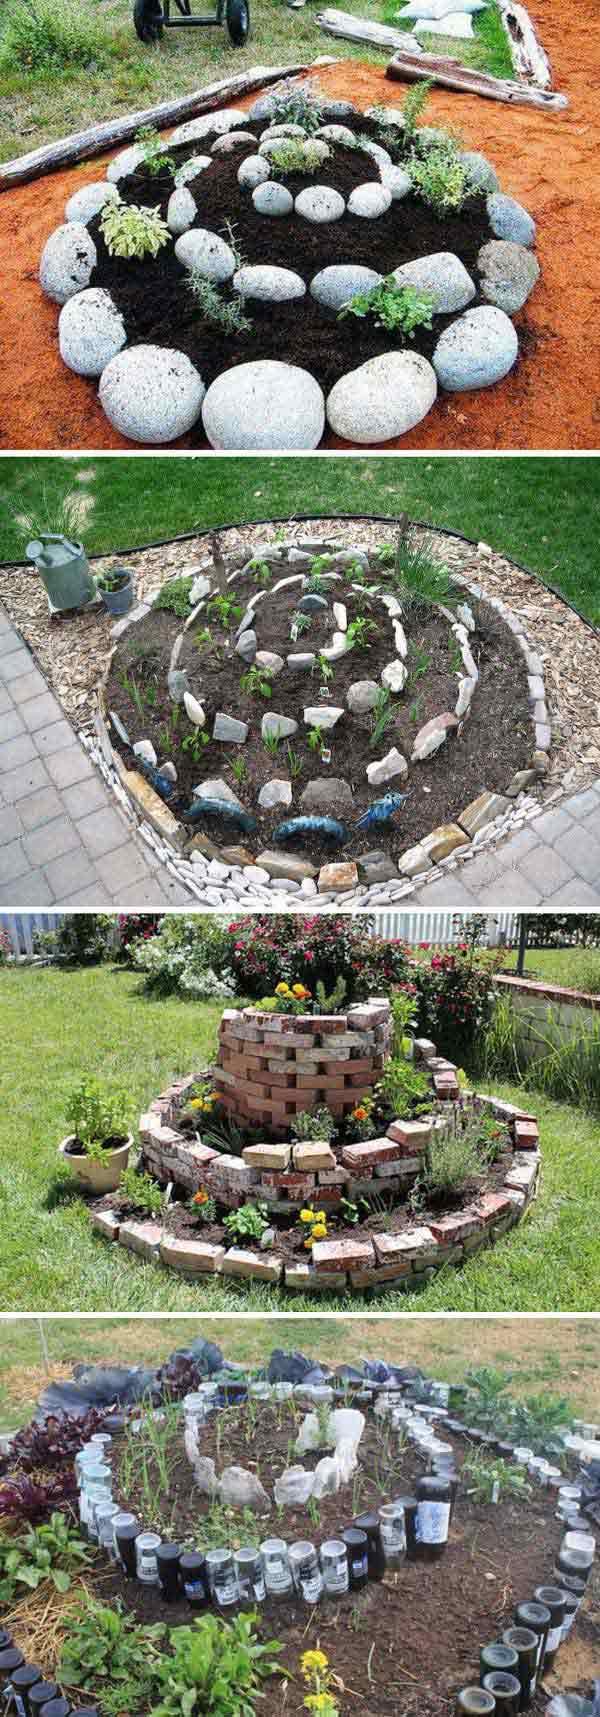 3. A spirális kert nagyon szuper kinézetű és kiválóan működik a korlátozott helyiségű kertekben